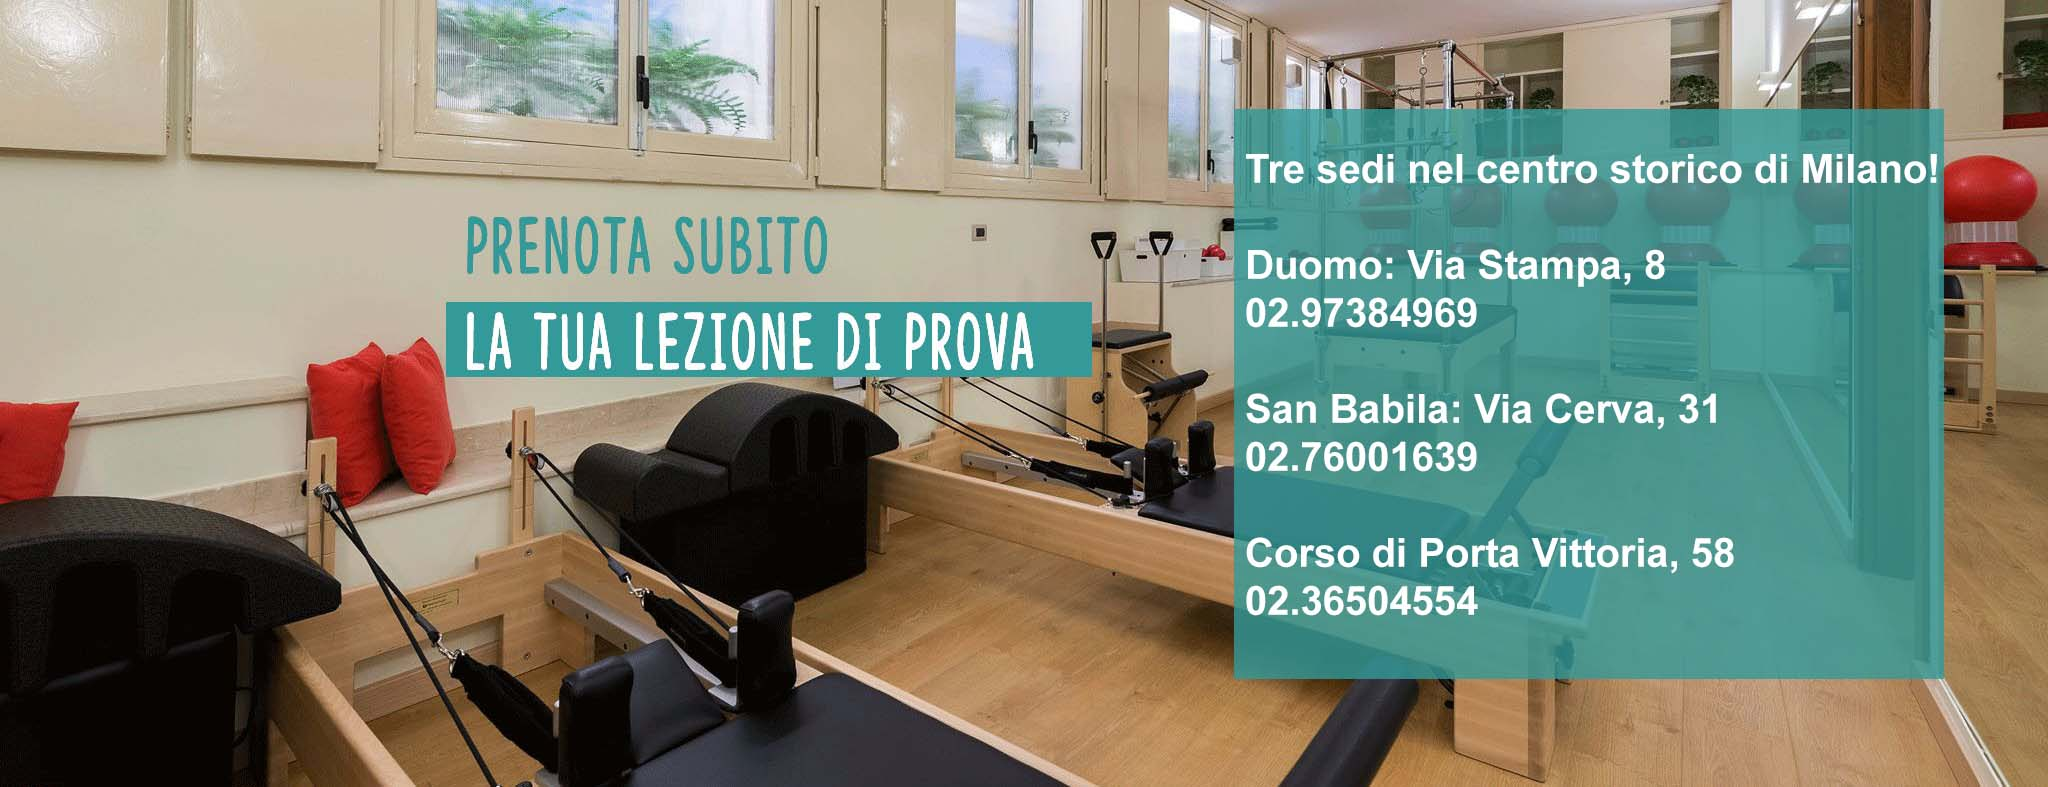 Pilates Post Parto Paolo Sarpi Milano - Prenota subito la tua lezione di prova